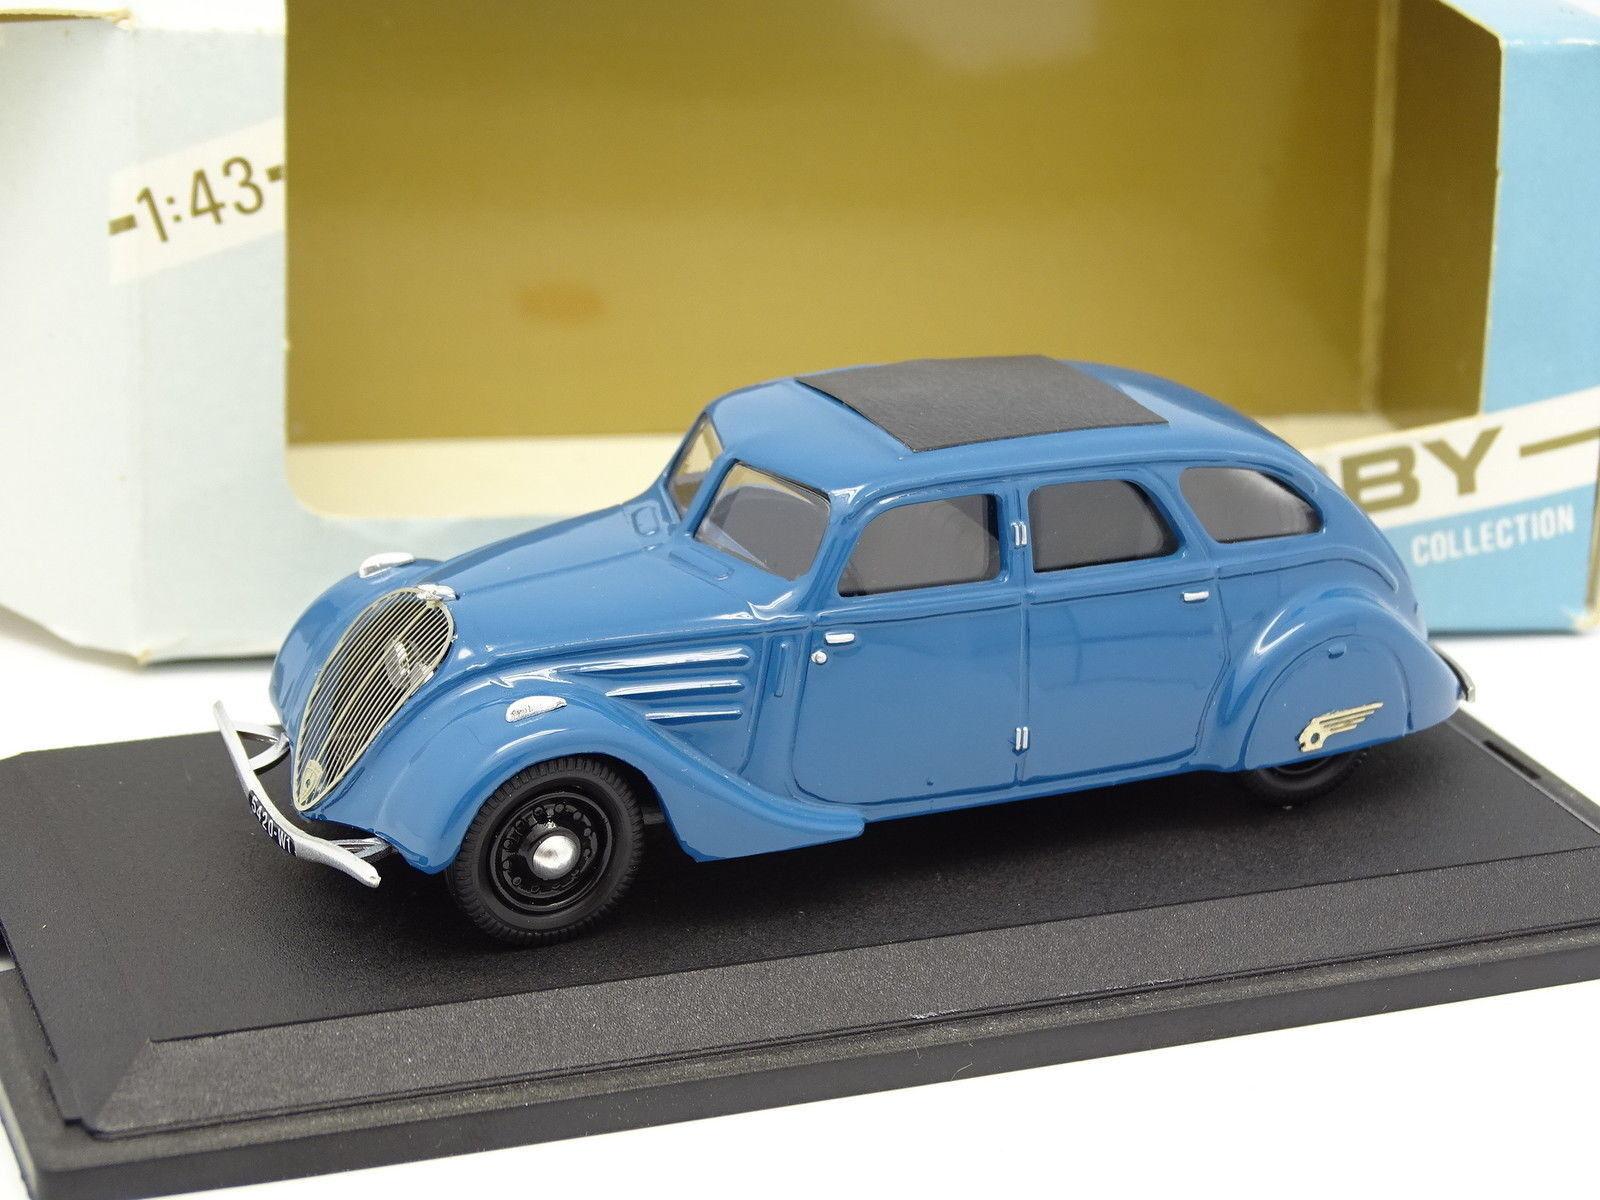 Tek Hoby Resina 1 43 - Peugeot 402 1936 Blu